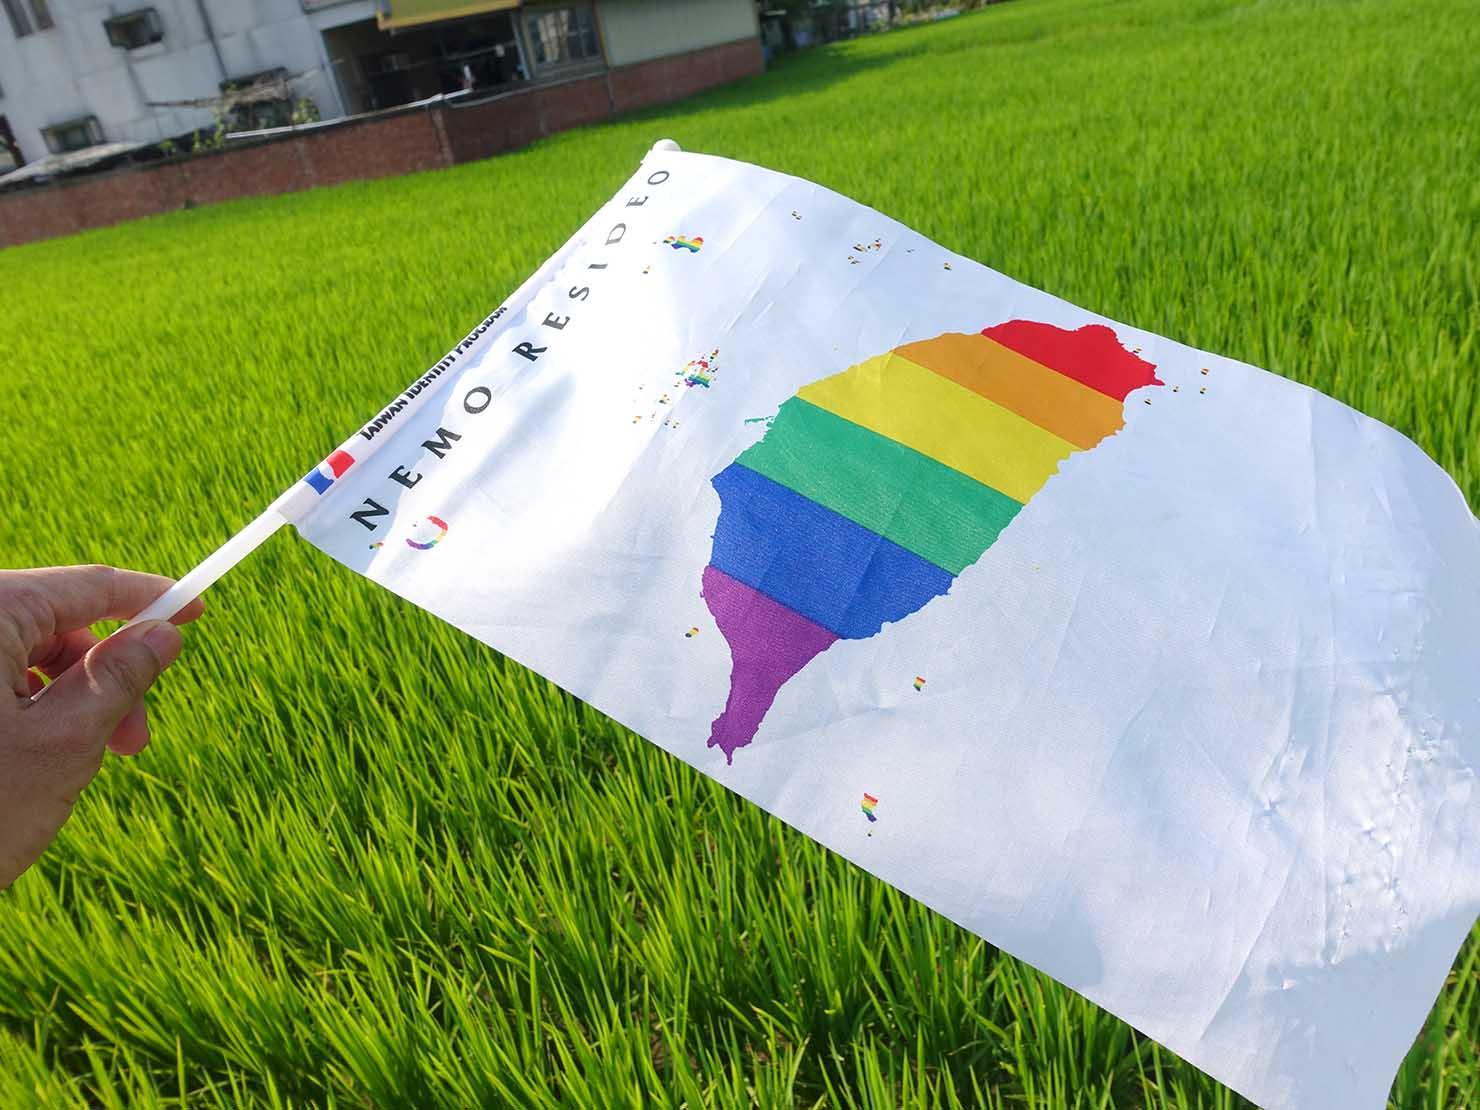 苗栗愛轉來平權遊行(苗栗LGBTプライド)2019で水田にはためくレインボーフラッグ